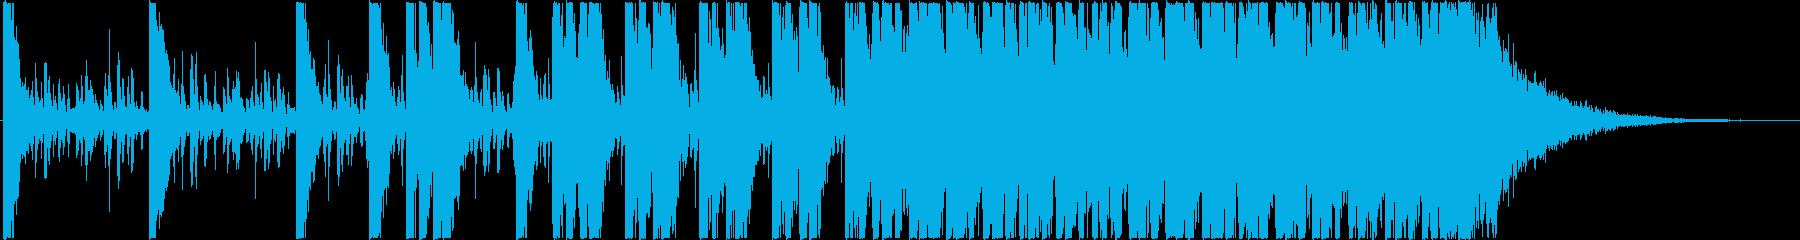 粘着(ベタベタ・ネバネバ)のイメージの再生済みの波形